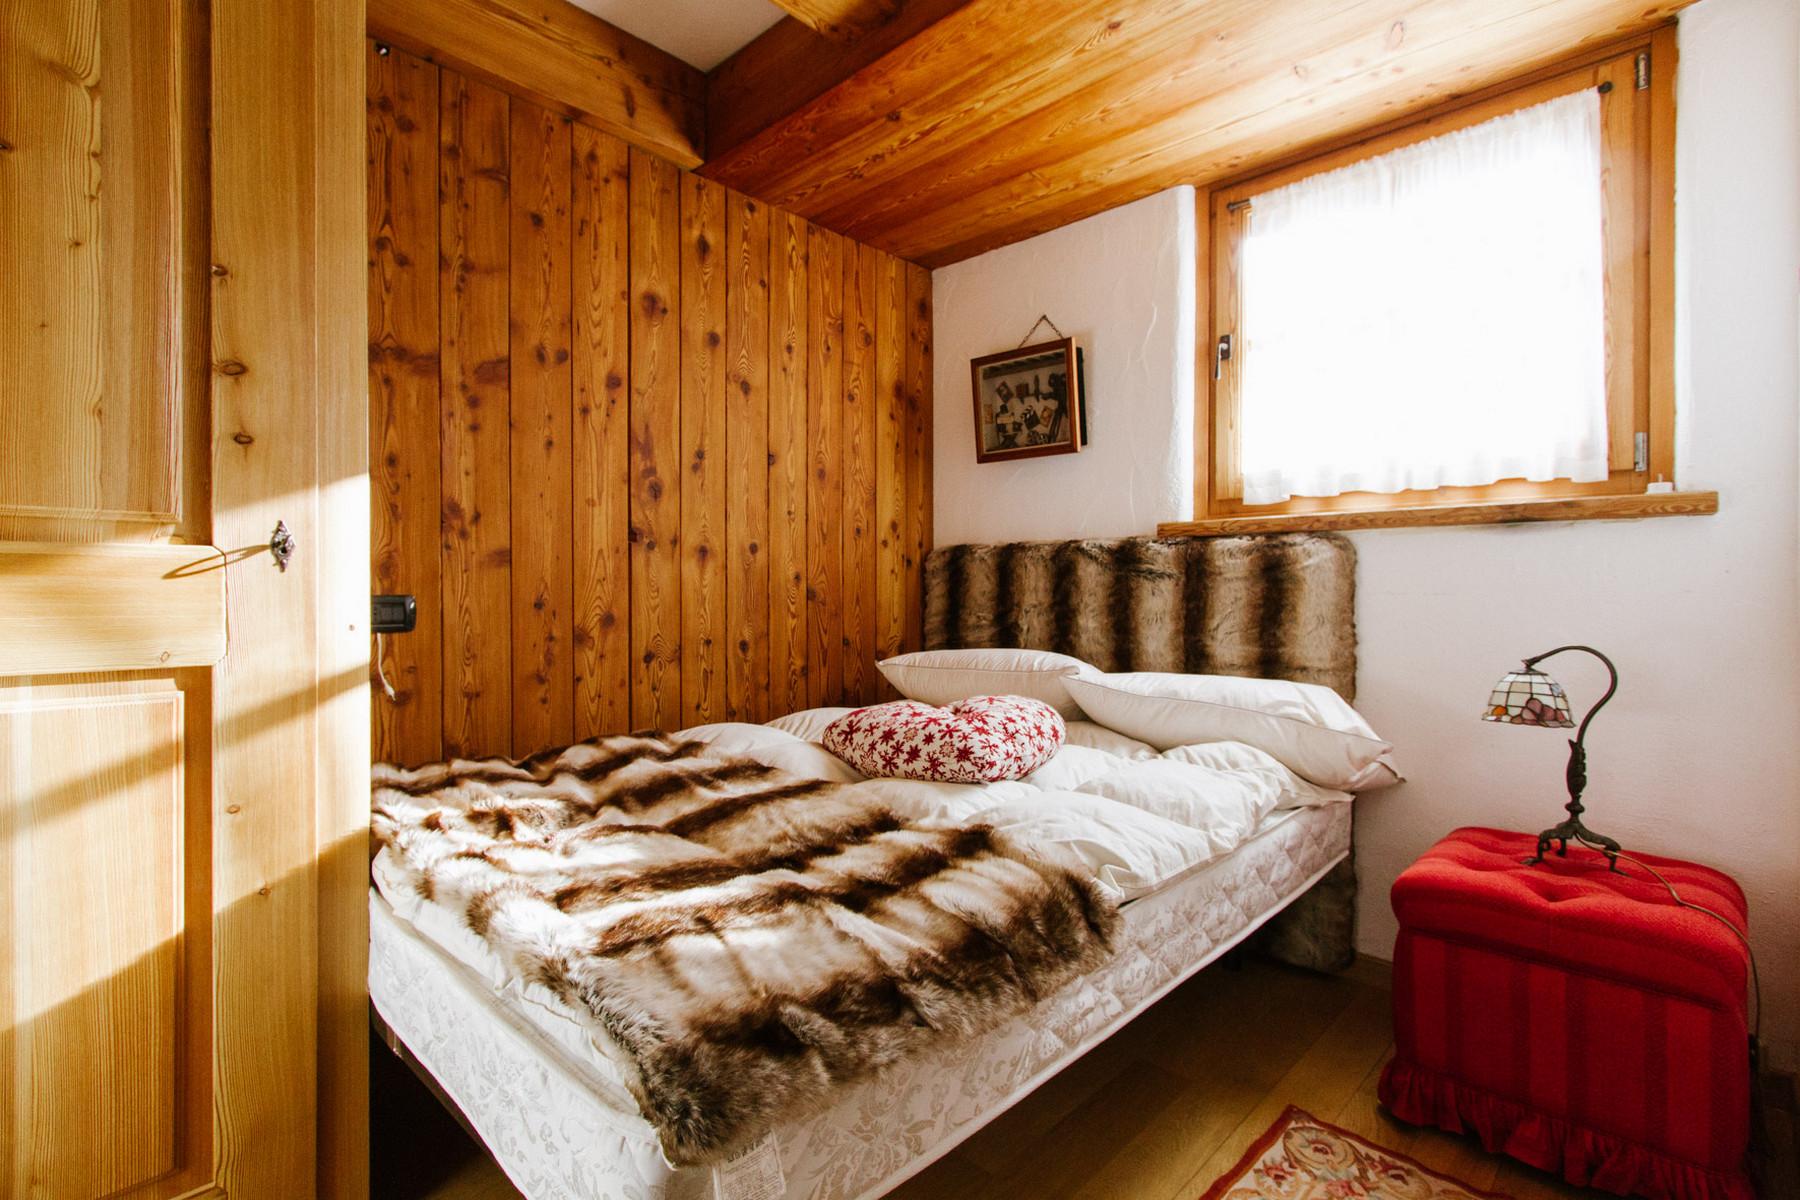 Villa in Vendita a Pre'-Saint-Didier: 5 locali, 350 mq - Foto 6